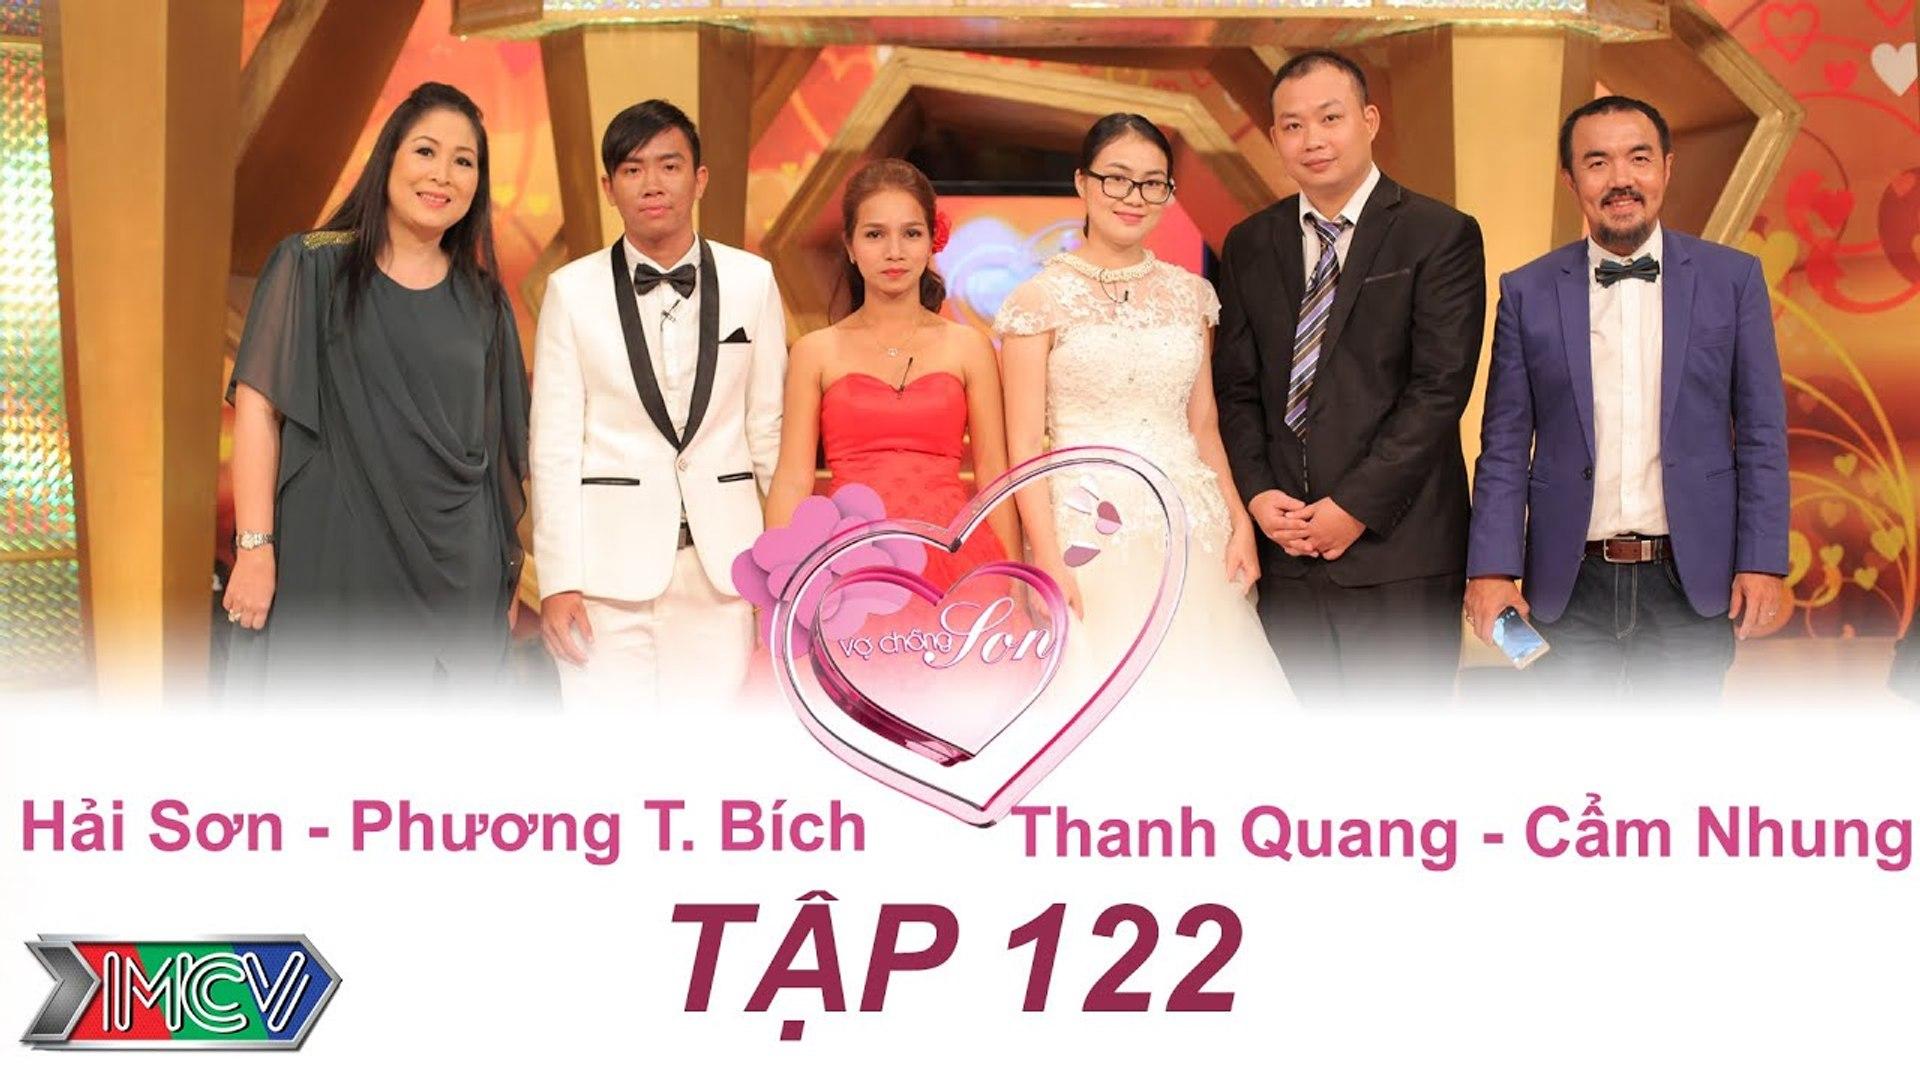 VỢ CHỒNG SON - Tập 122 _ Hải Sơn - Phương T.Bích _ Thanh Quang - Cẩm Nhung